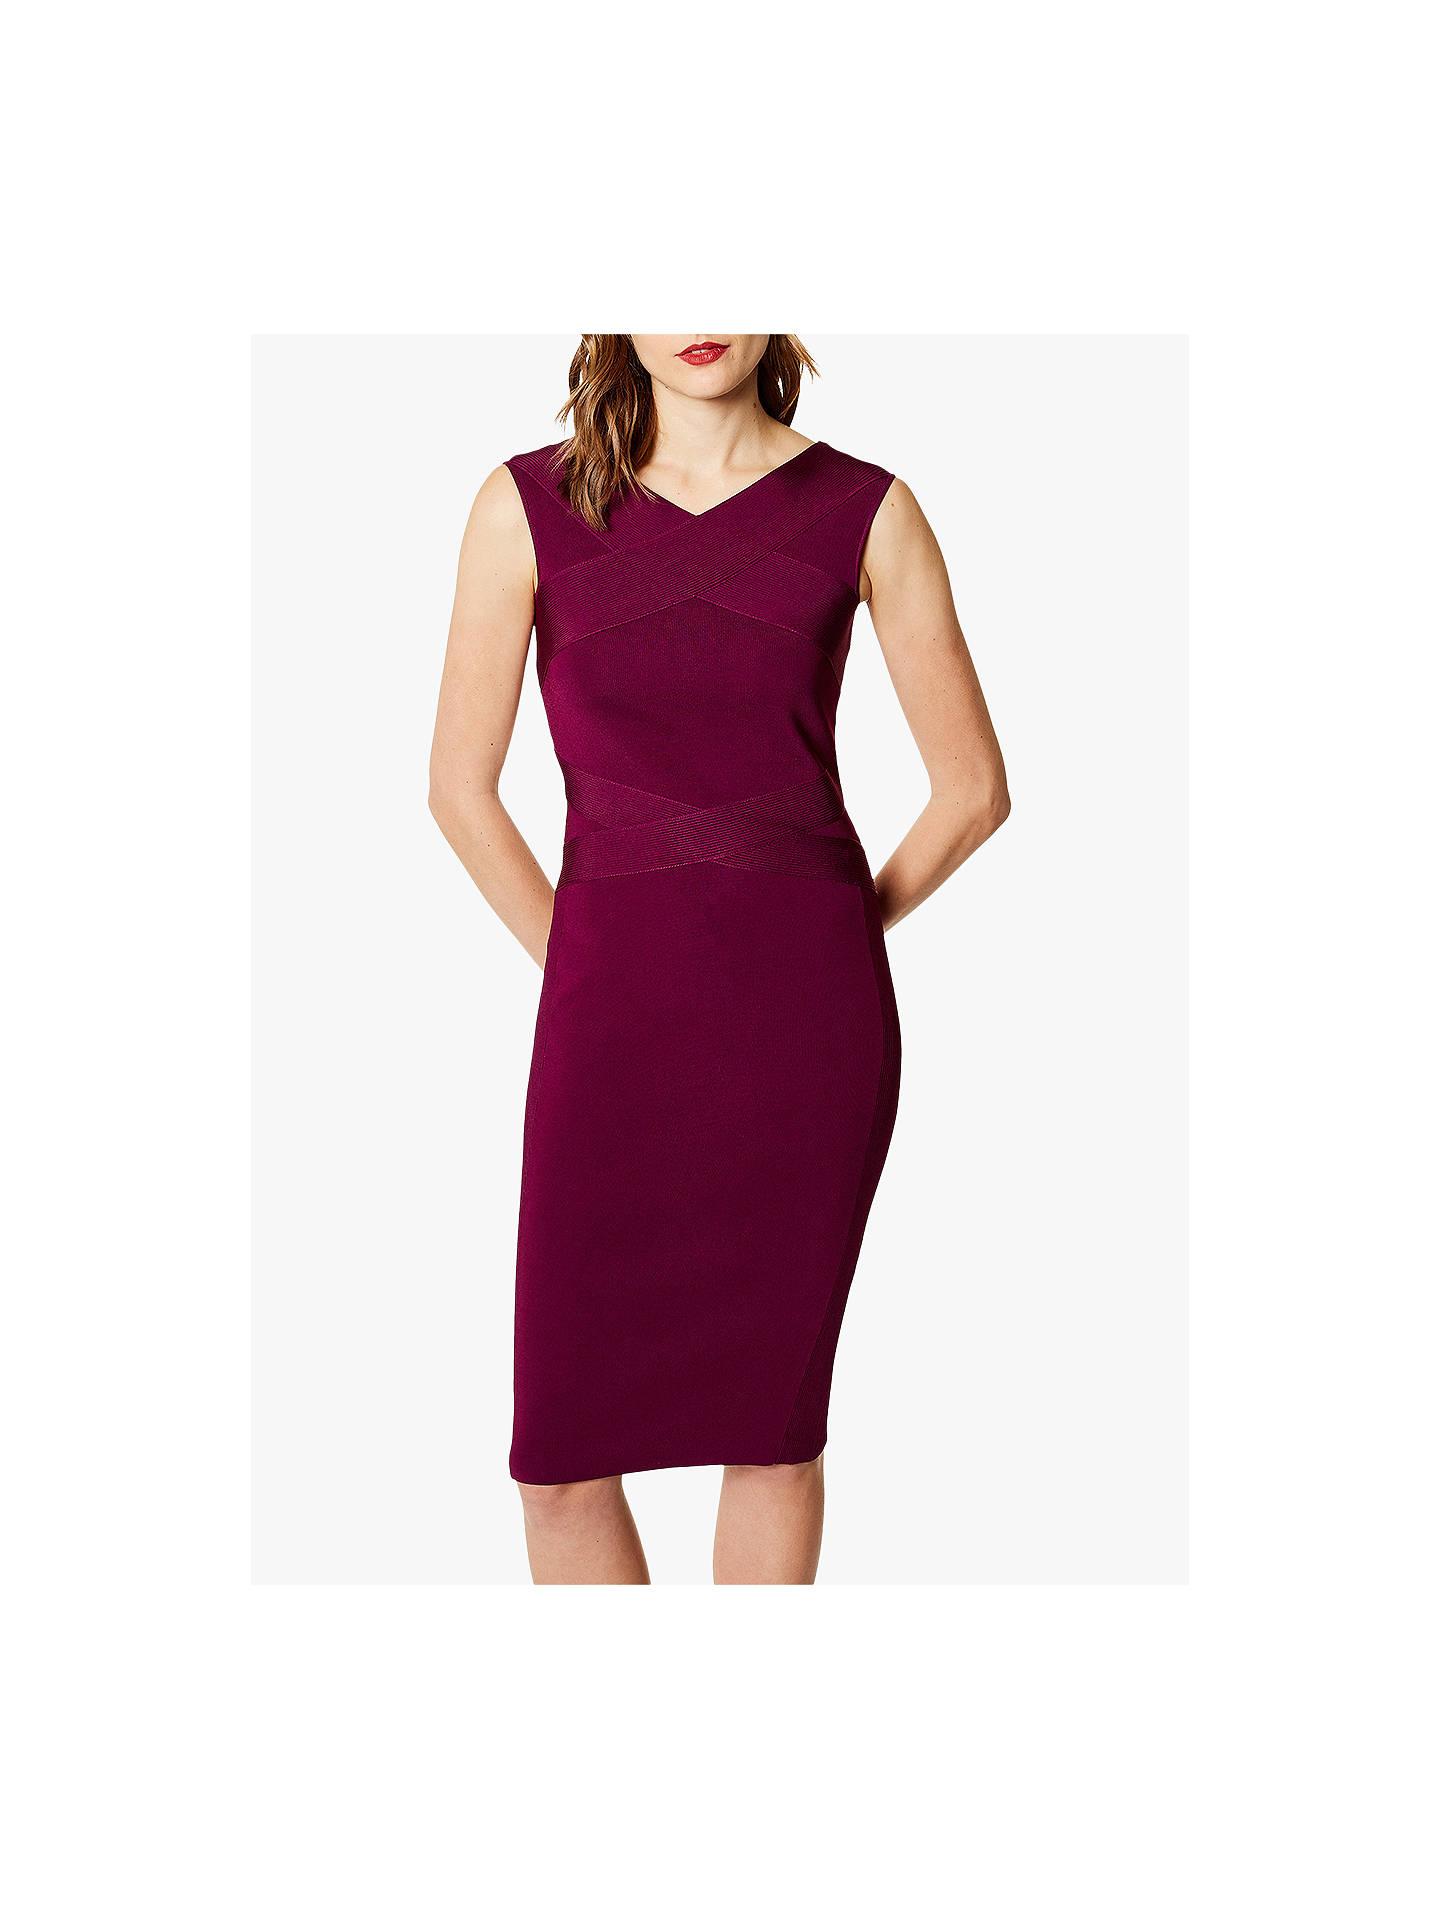 6a802237a21a5c Buy Karen Millen Bandage Knit Midi Dress, Purple, M Online at johnlewis.com  ...